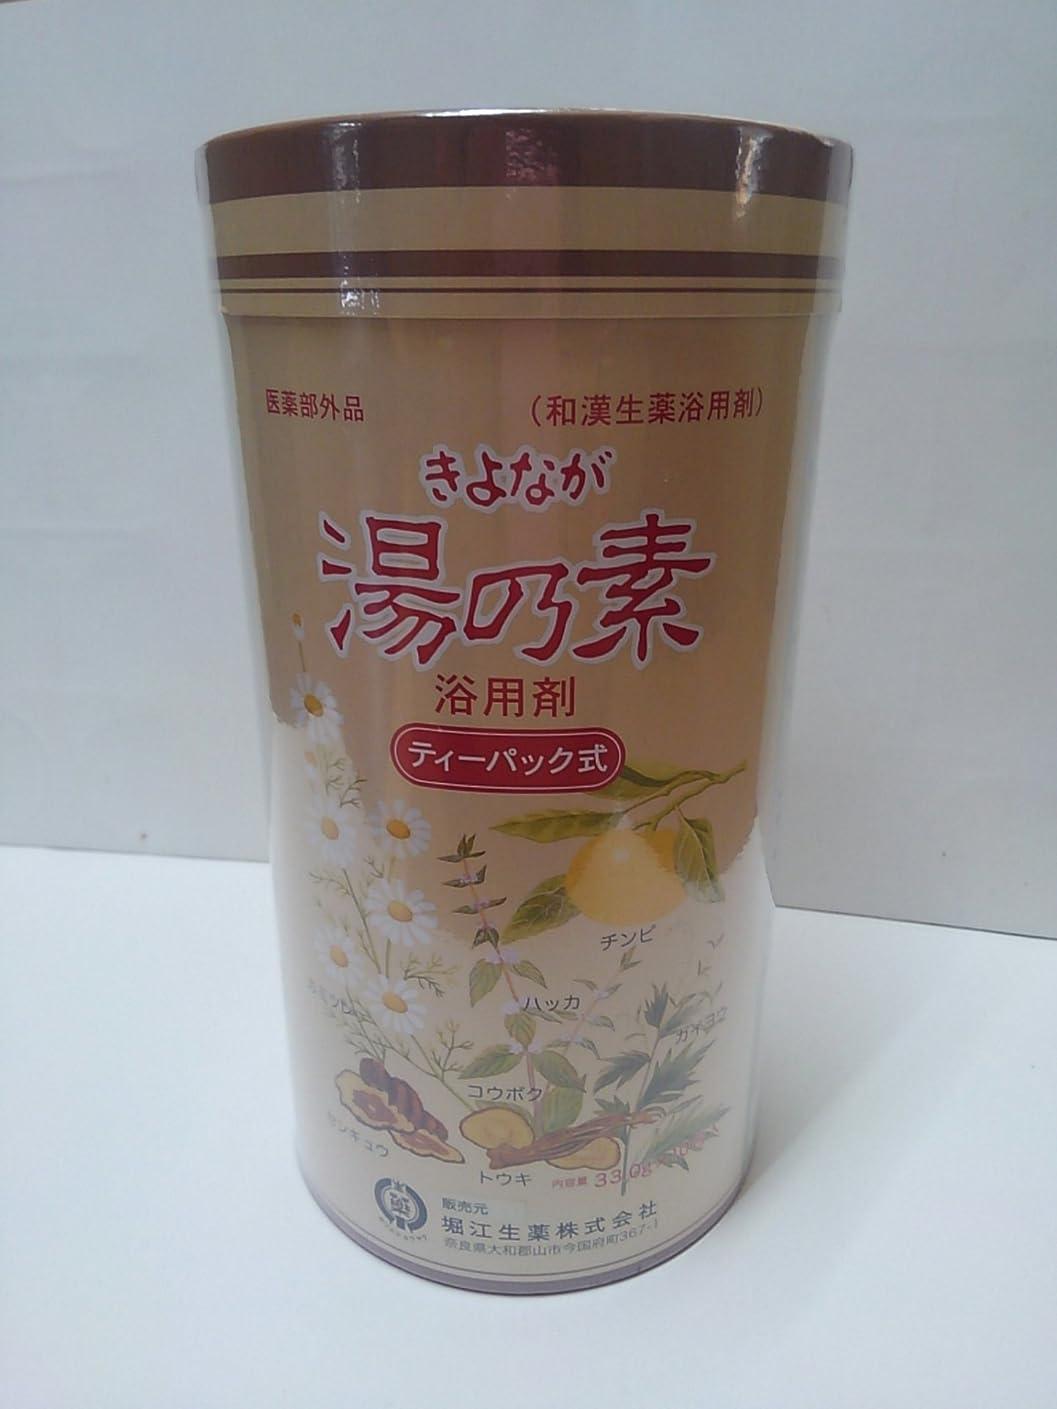 輪郭ワゴン有限和漢生薬配合浴用剤 きよなが 「湯の素」 (テ?ーパック式)